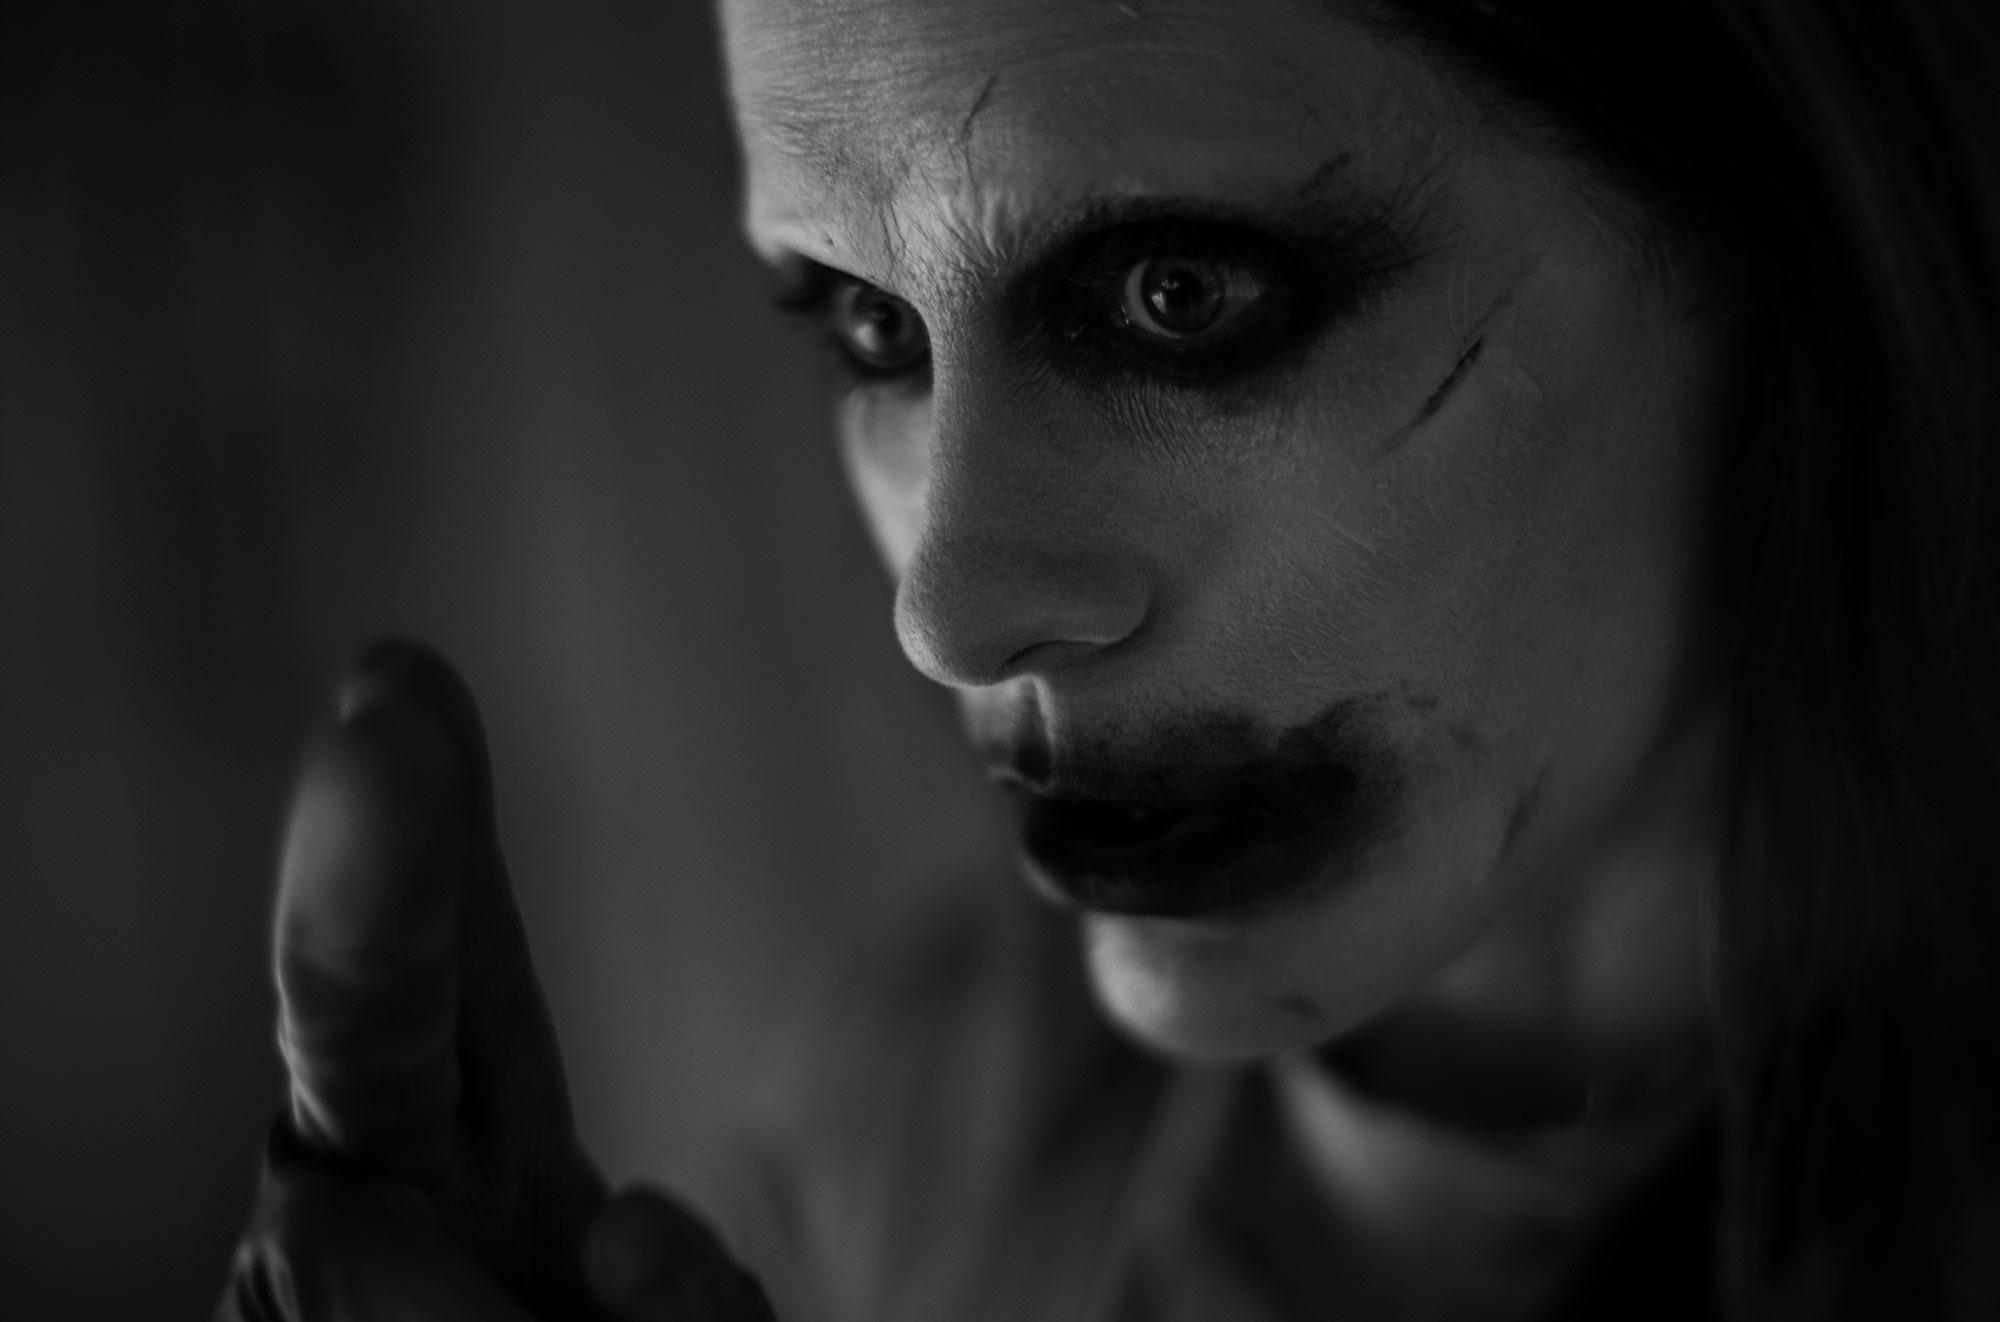 Joker Jared Leto Zack Snyder Justice League